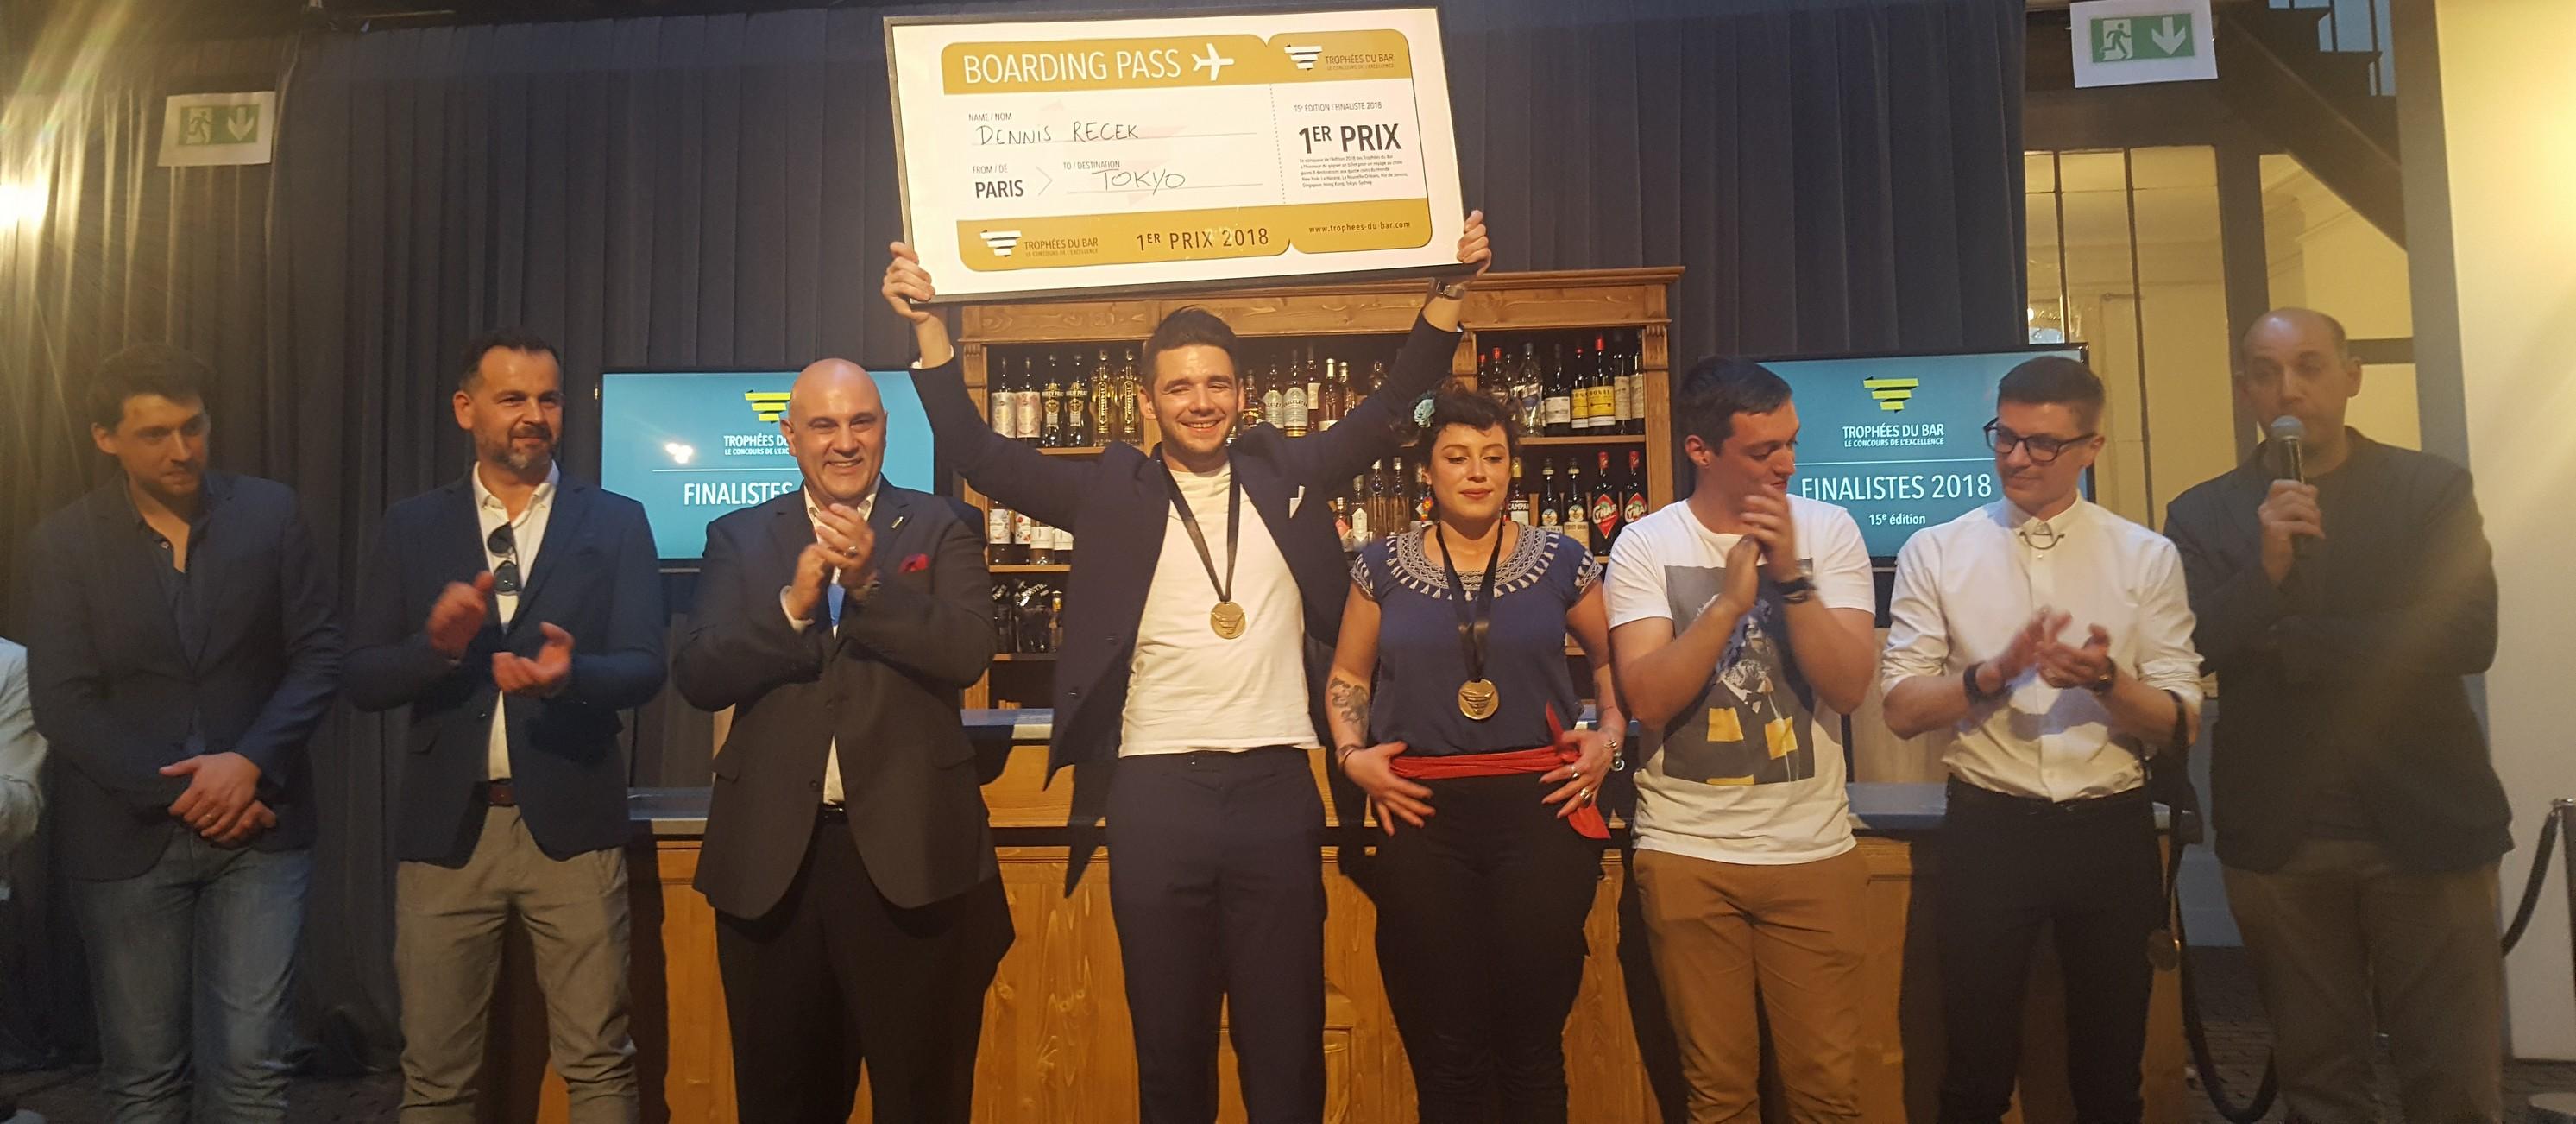 Trophées du bar - Finalistes 2018 - 7 mai 2018 - Paris